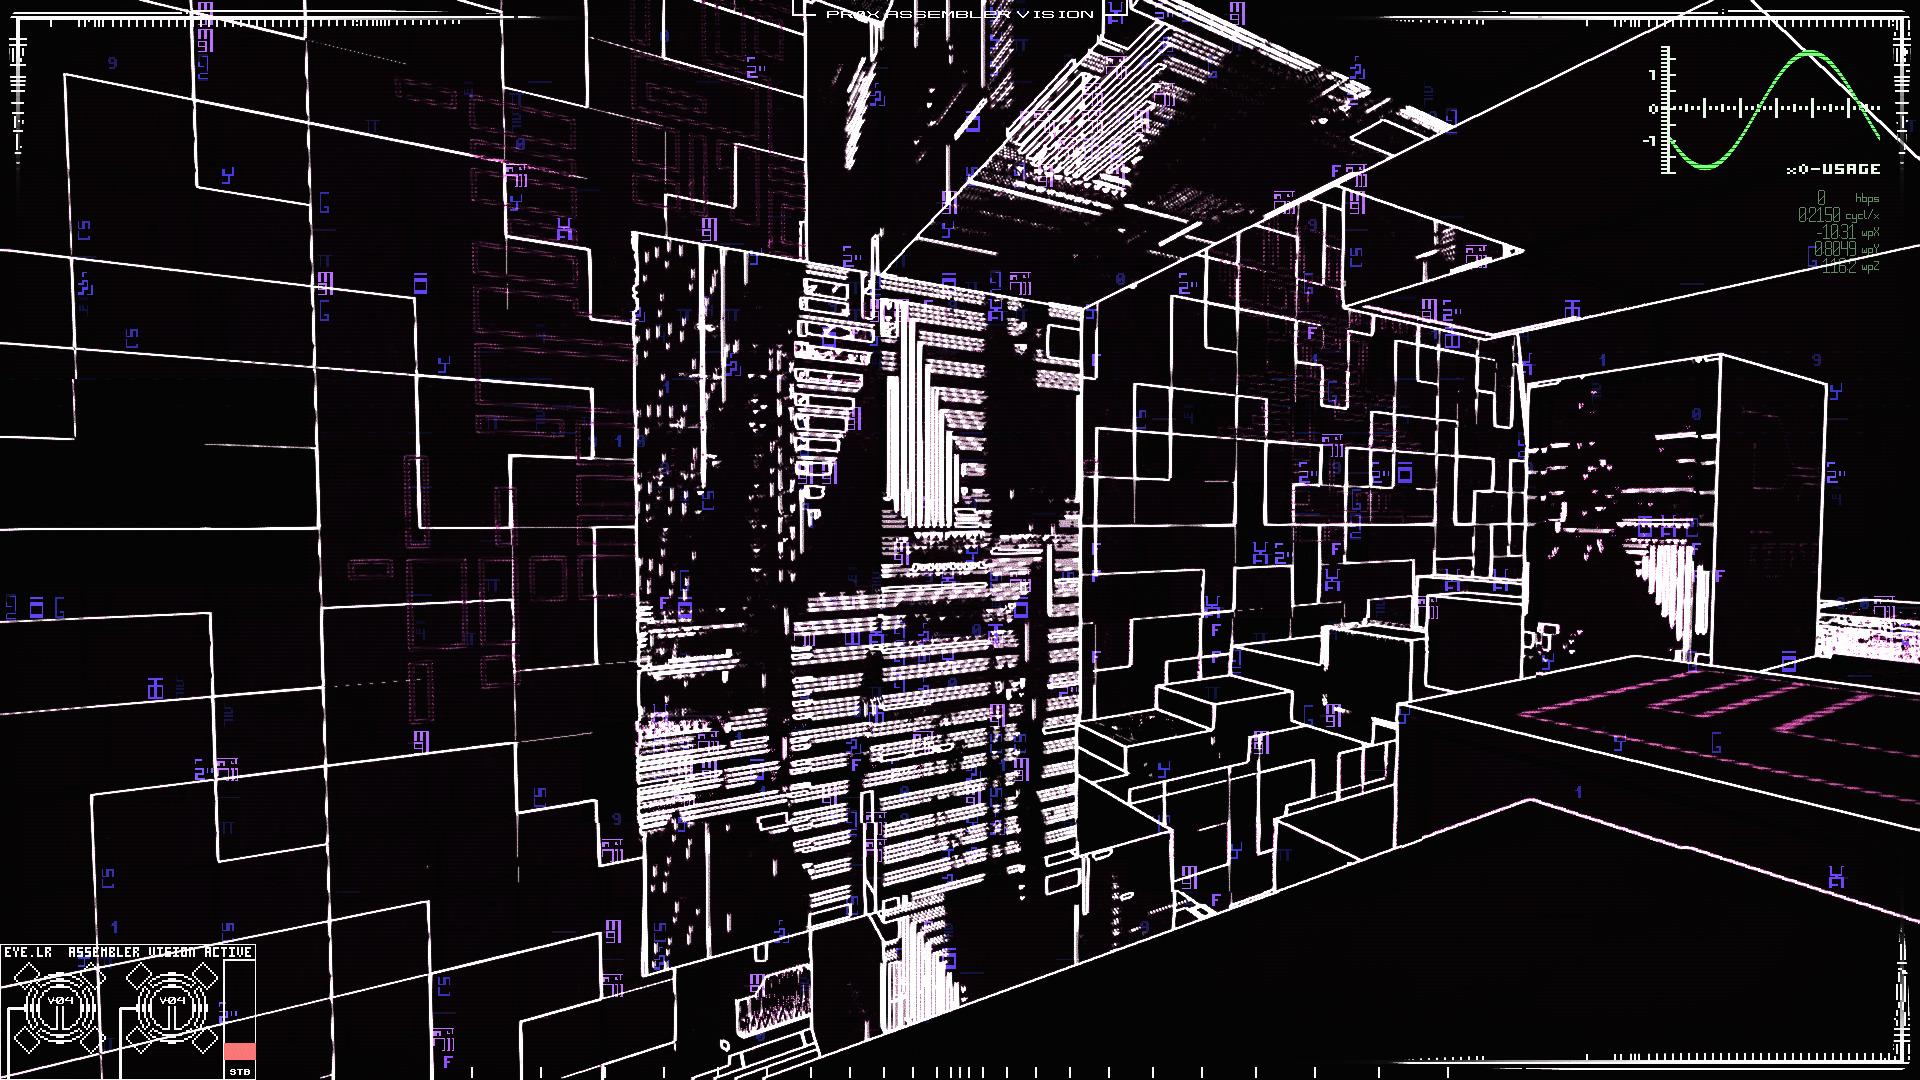 exsync-25.jpg